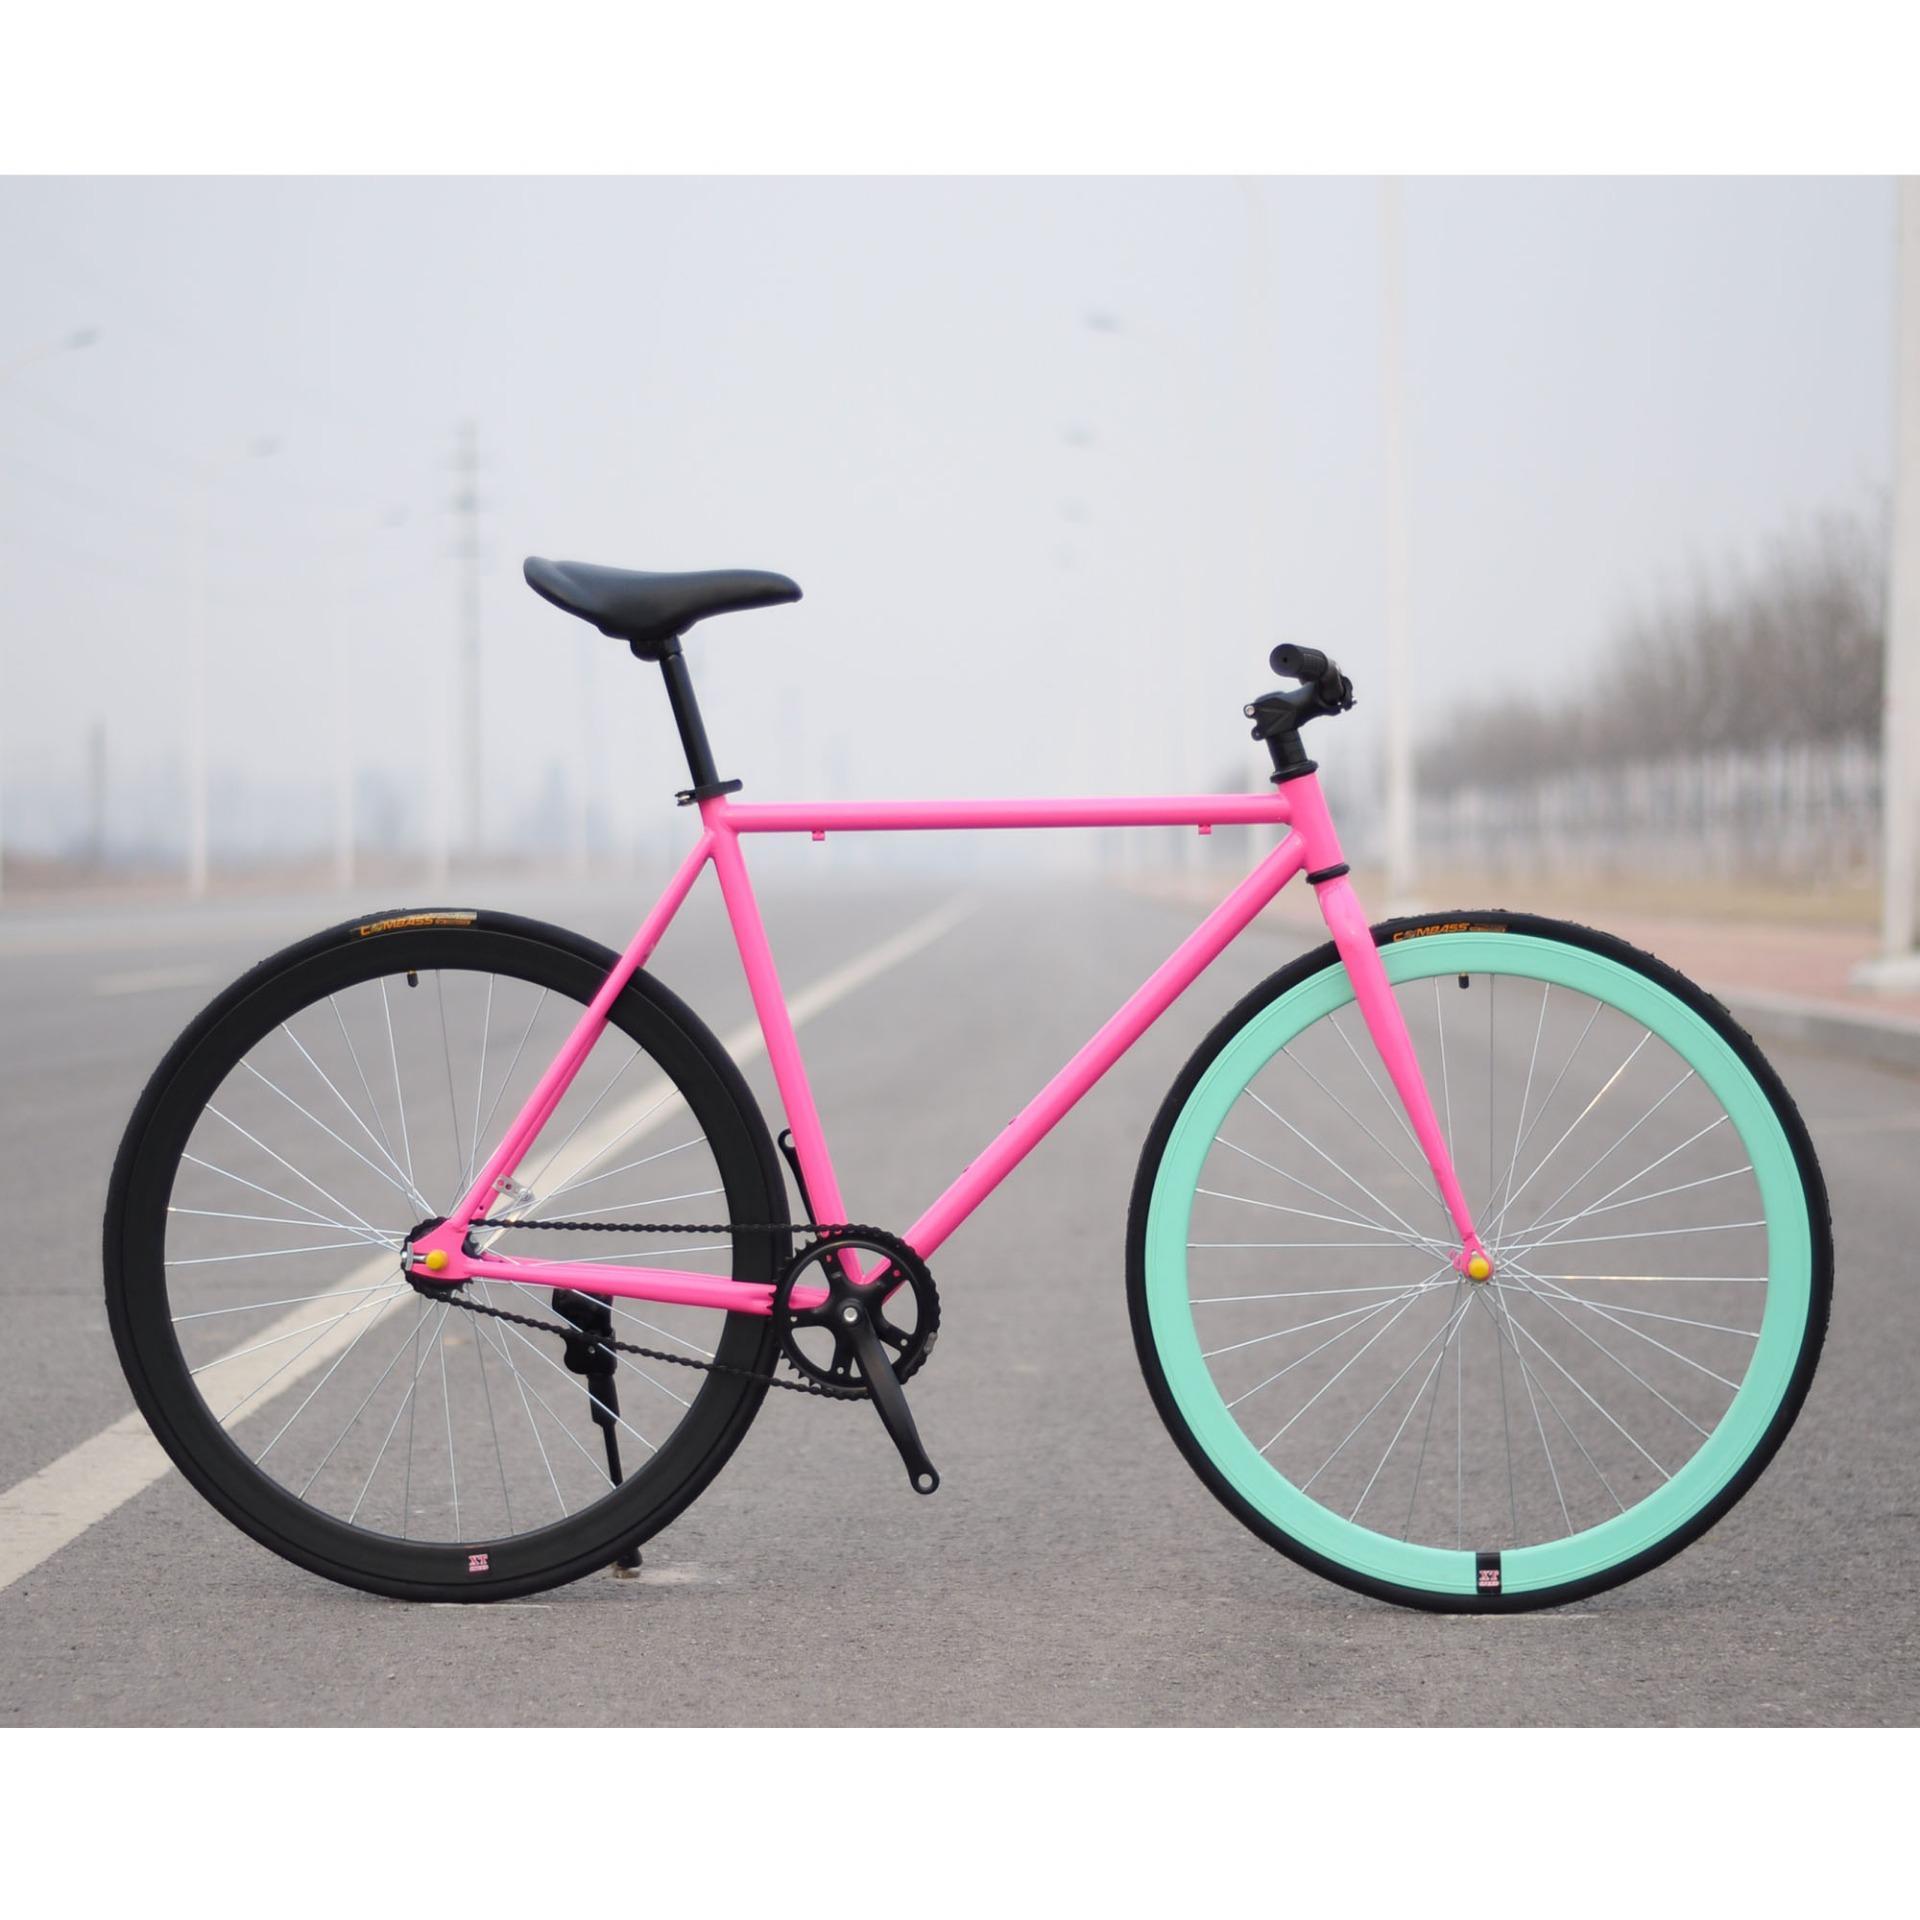 Xe đạp Fixed Gear Single Speed (Hồng vành đen xanh)